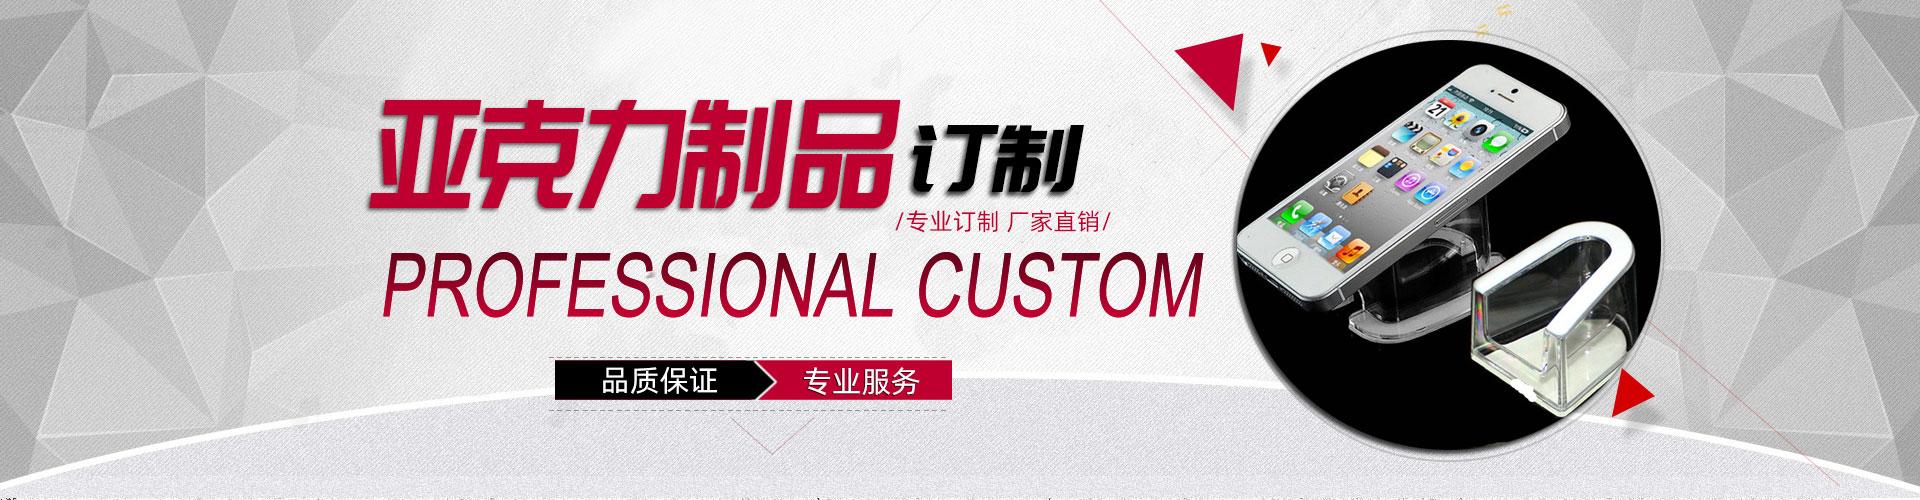 郑州非凡高端亚克力制品生产厂家专注亚克力制品加工制作,亚克力展示架定制加工,厂家定制品质保证,专业服务.